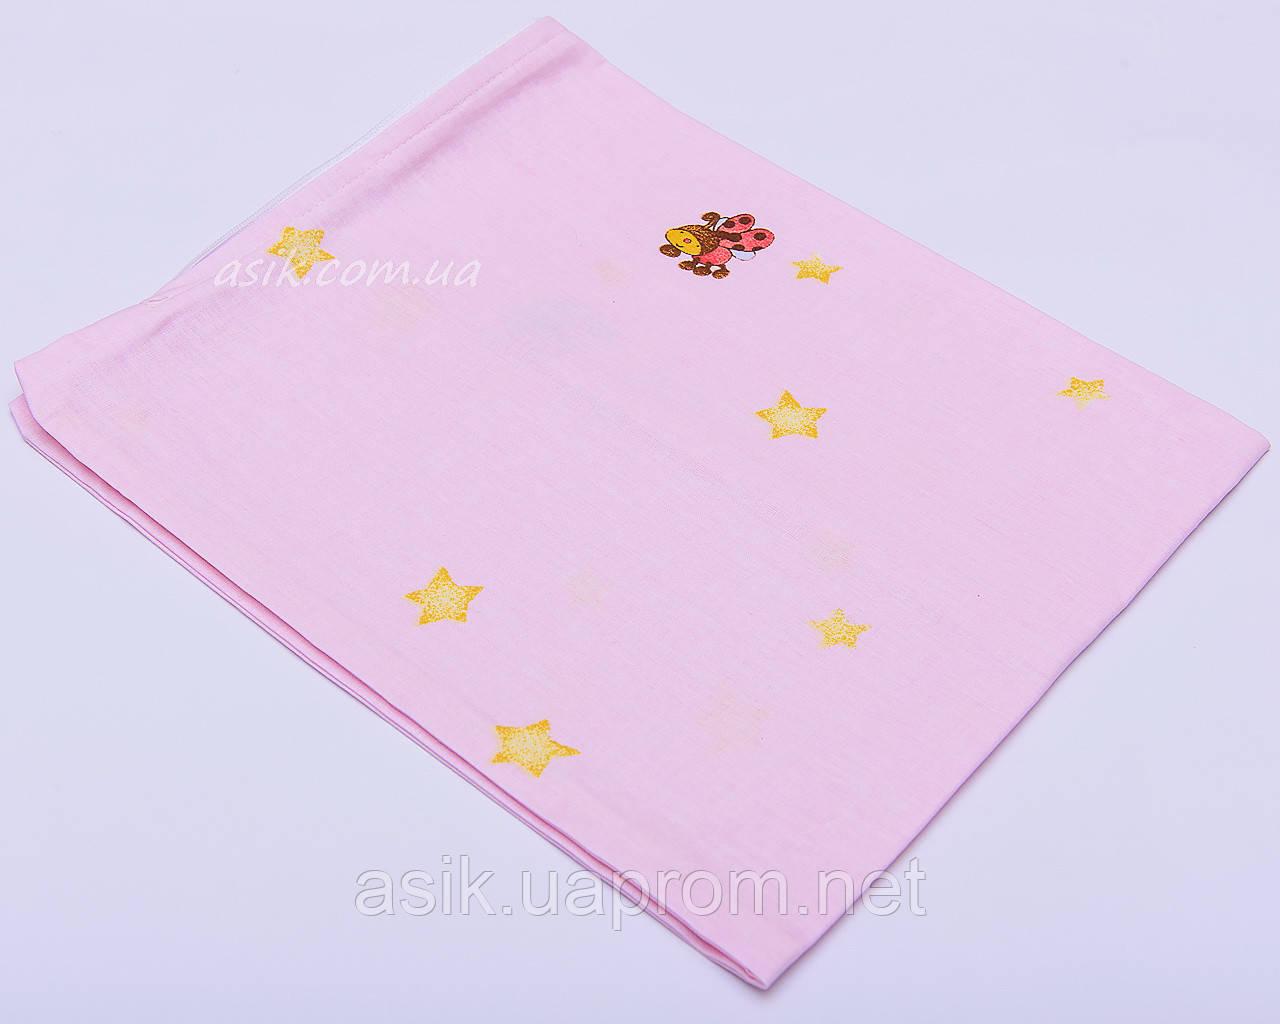 Наволочка детская 40*60 на молнии розового цвета